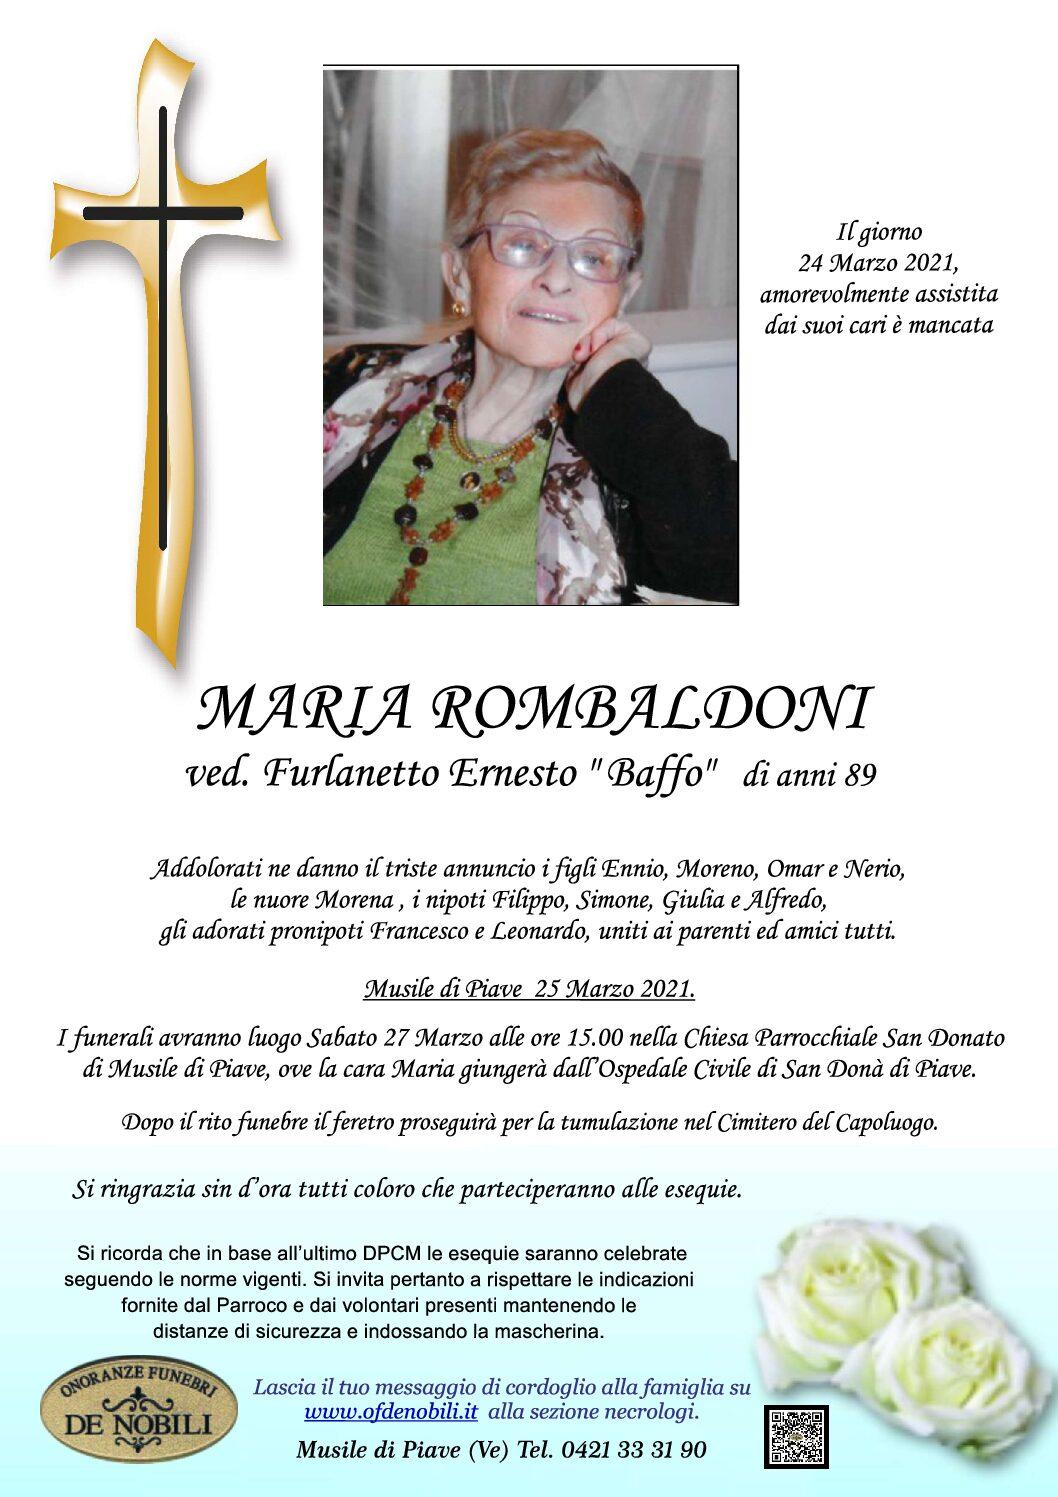 Maria Rombaldoni